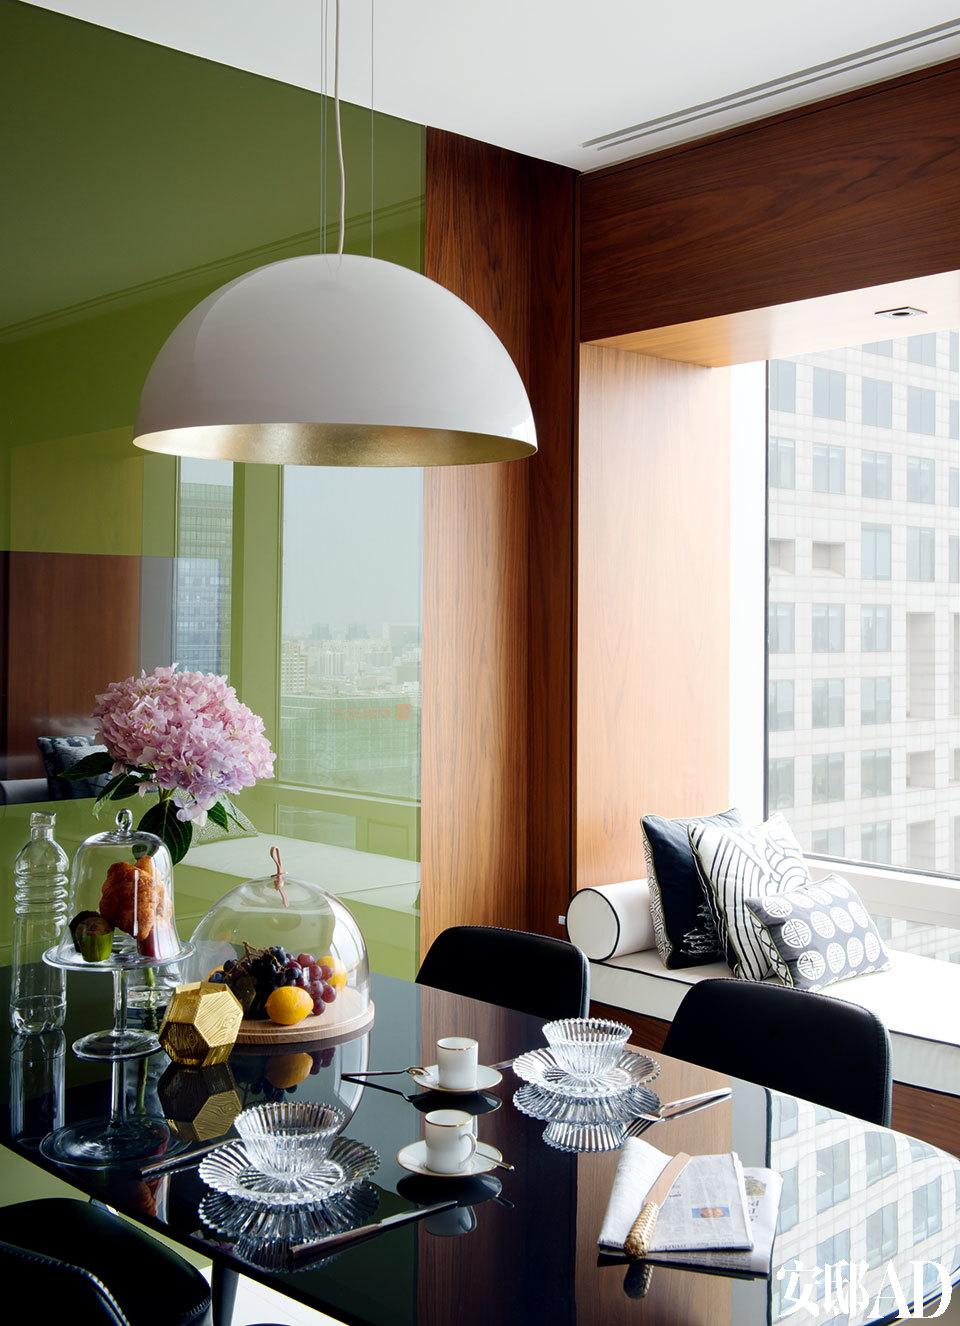 早餐餐厅中,高光漆面的不锈钢餐桌为Maxalto品牌,来自家天地,金属的Sunset吊灯来自OvO Home HKG,餐桌上的千夜甜点盘来自Baccarat,玻璃烛台及蛋糕托盘均来自 Lane Crawford连卡佛。